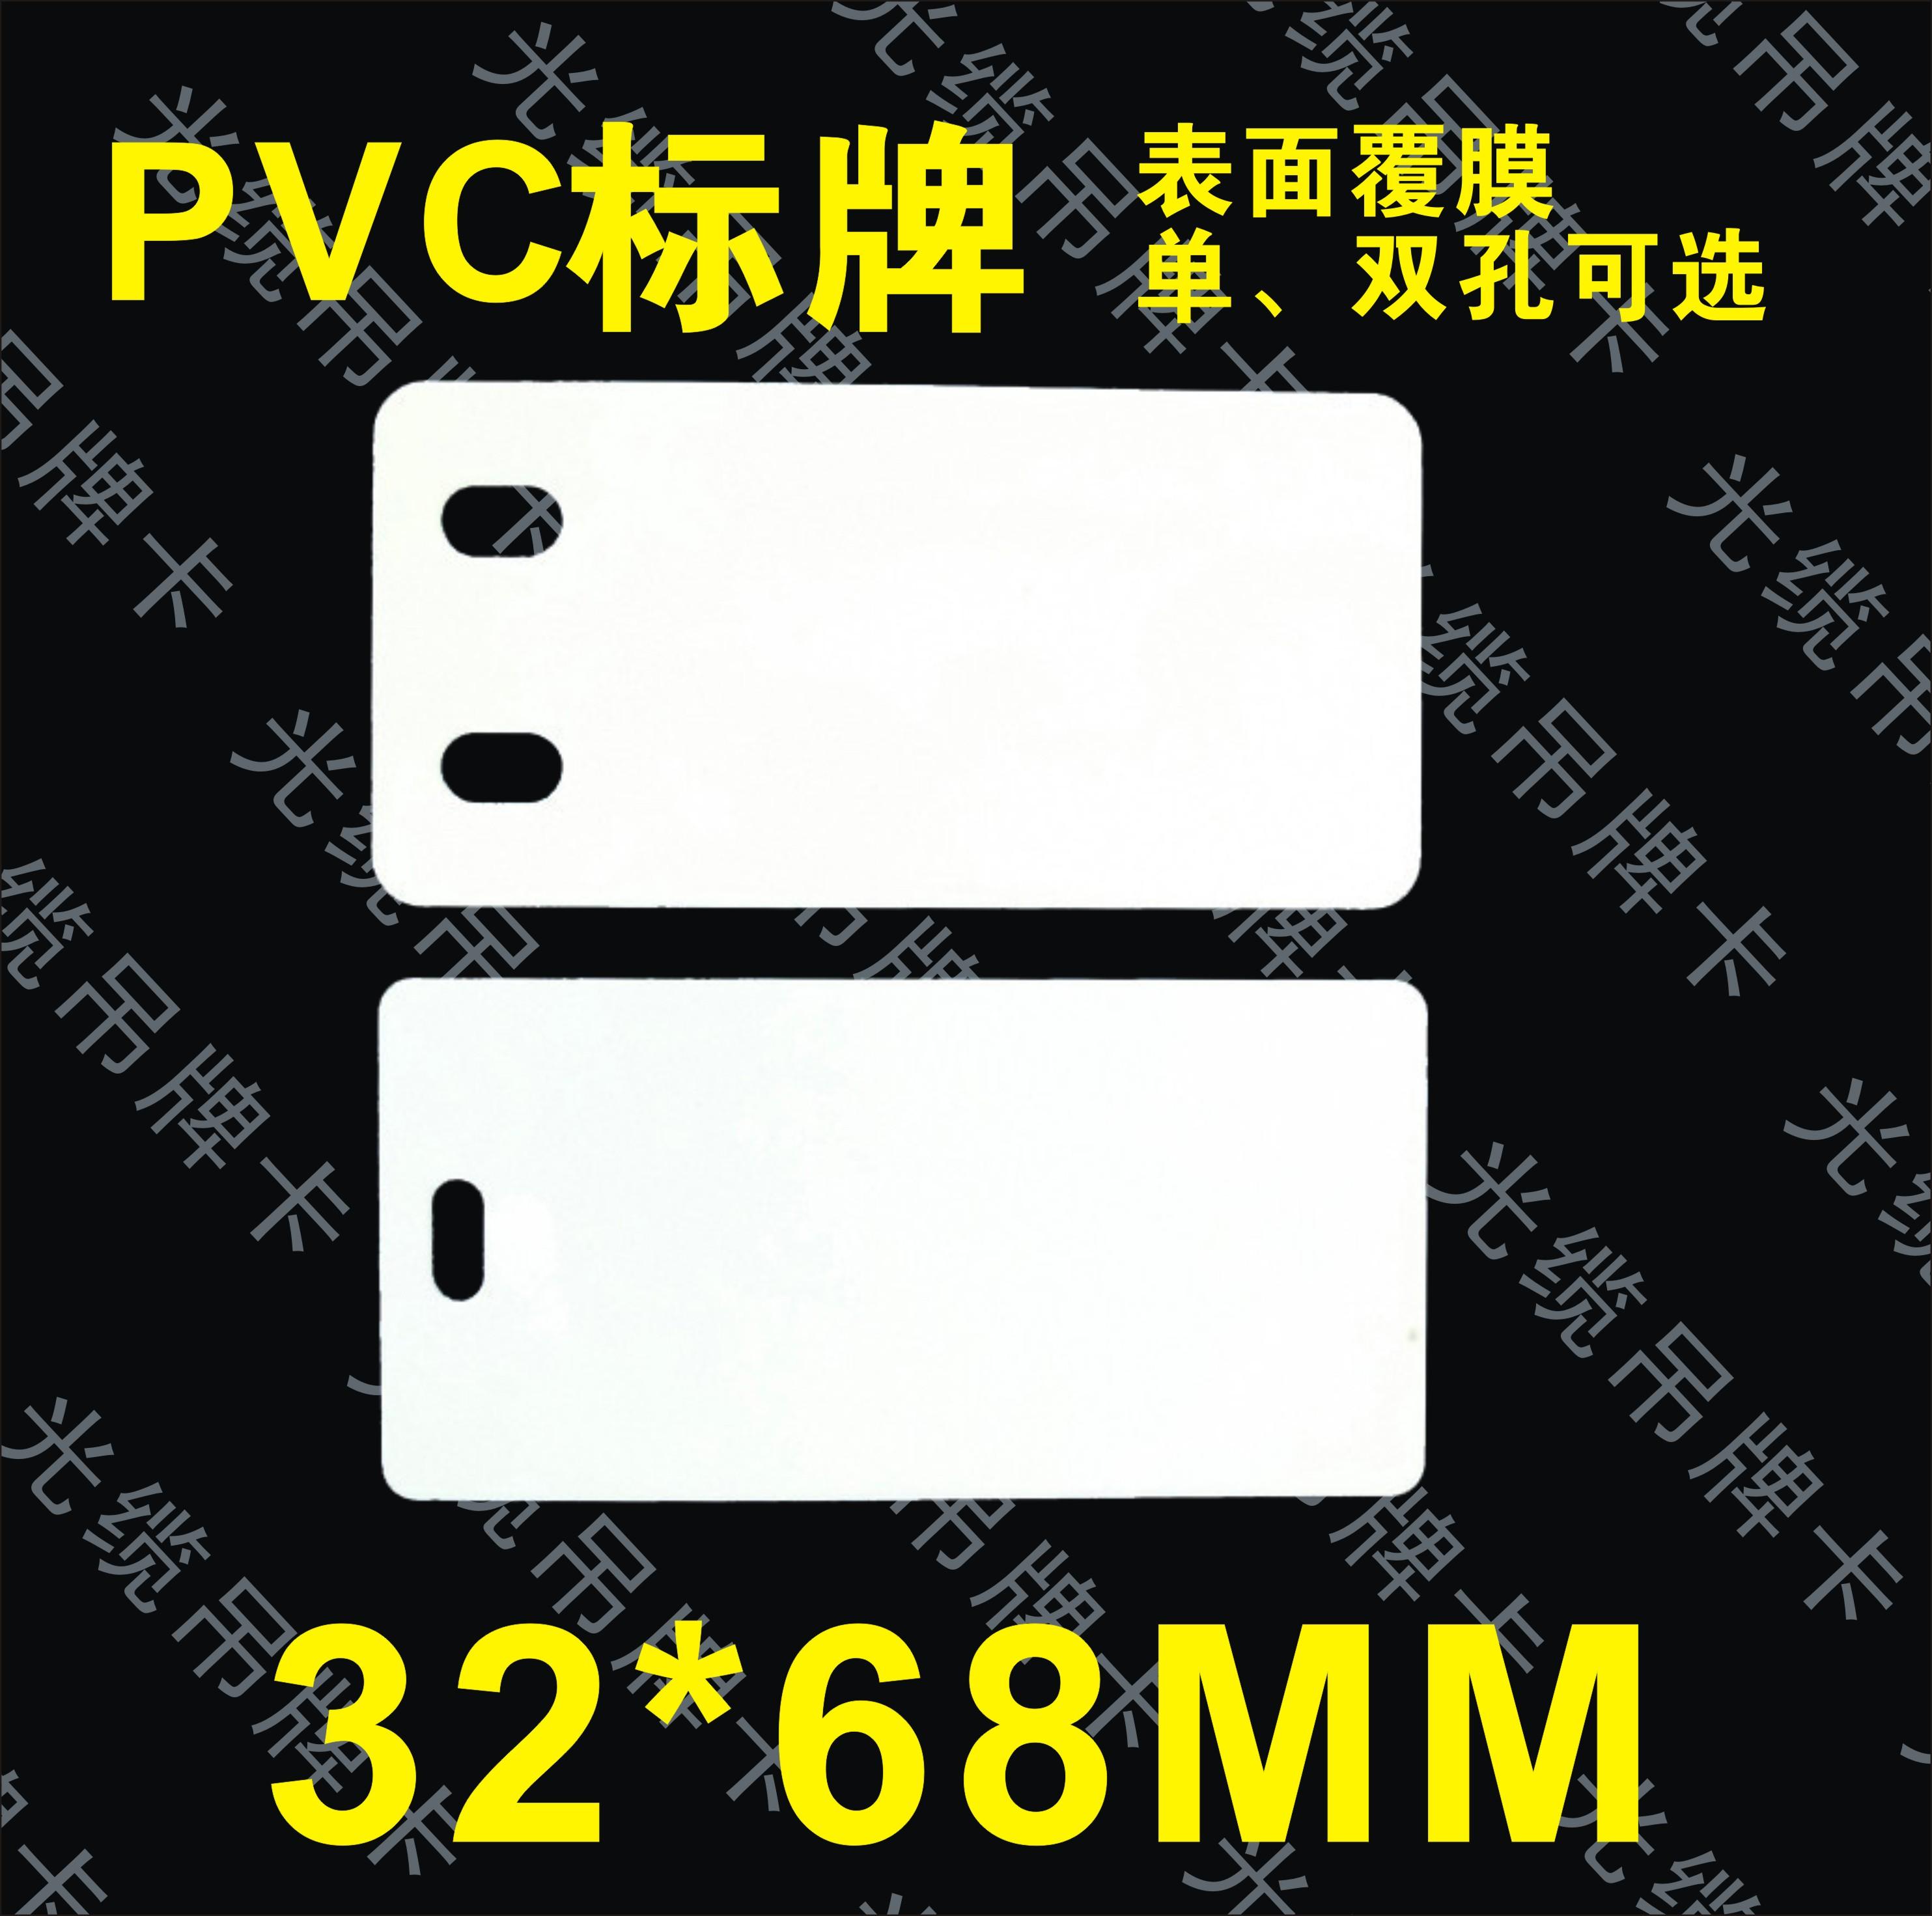 Danh sách cáp Viễn thông China Unicom Telecom cáp quang di động liệt kê cáp PVC Dấu hiệu truyền thông 32 * 68 - Thiết bị đóng gói / Dấu hiệu & Thiết bị